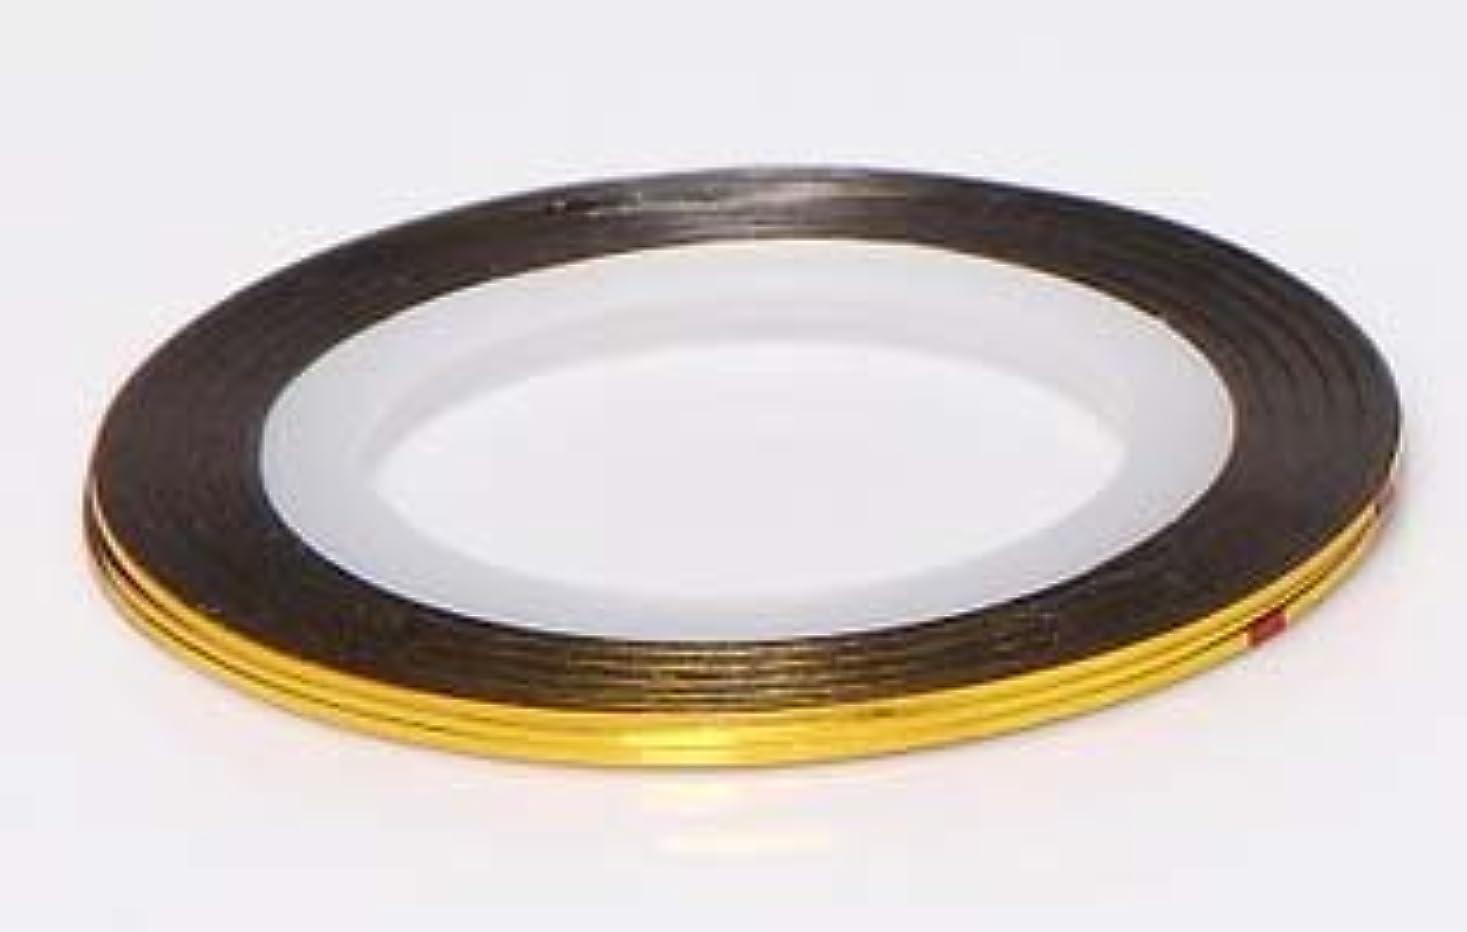 洞察力洞察力感染する【ラインストーン77】 ラインテープ 1mm 金色